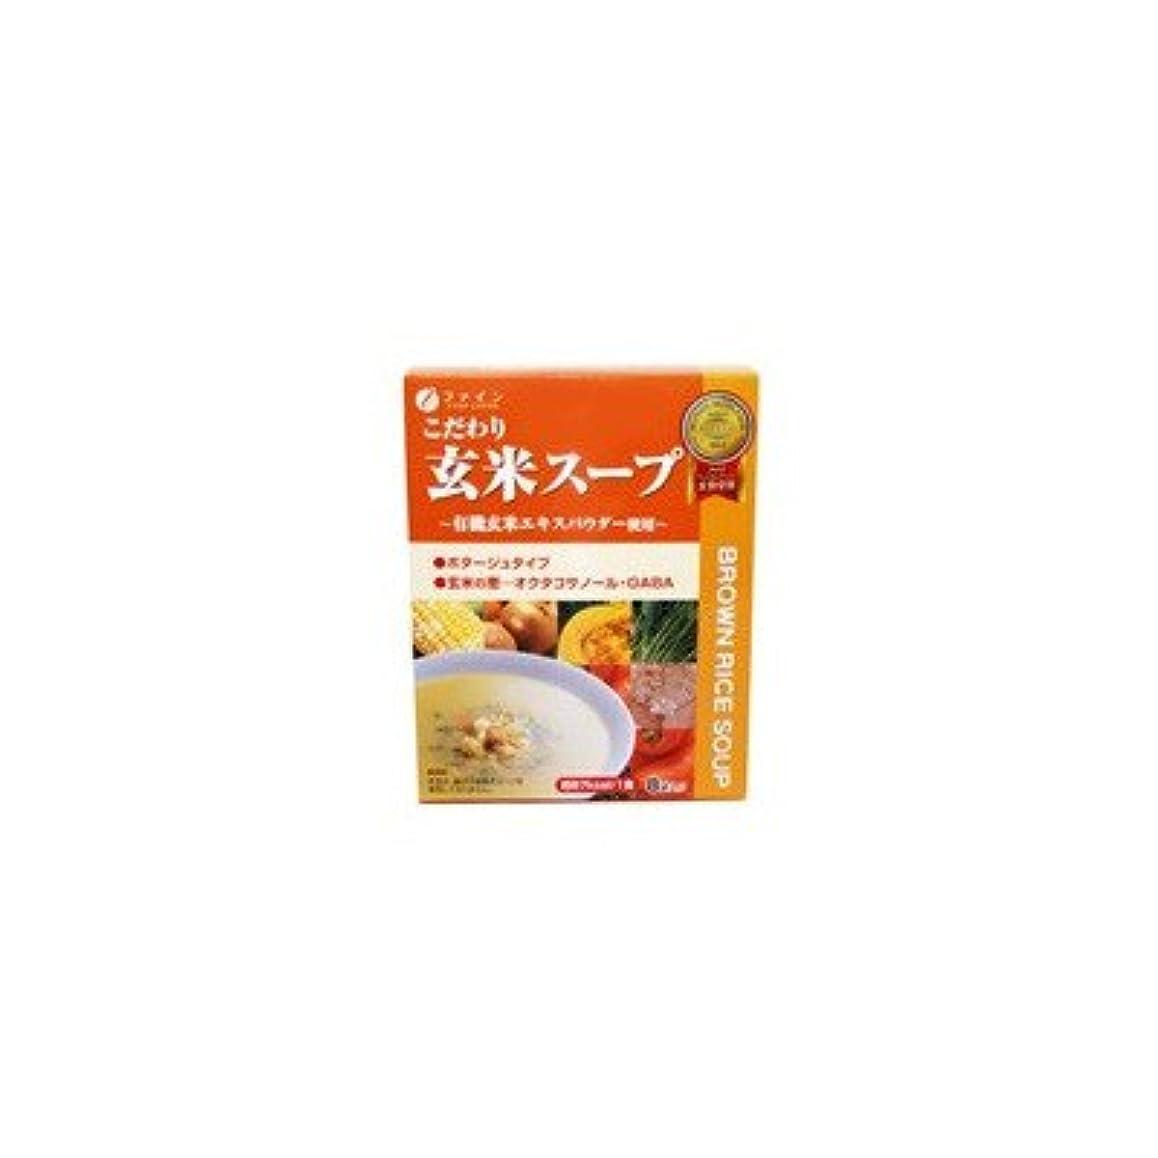 柔らかい足建築家集団ファイン 203399 こだわり玄米スープ(8食入り)